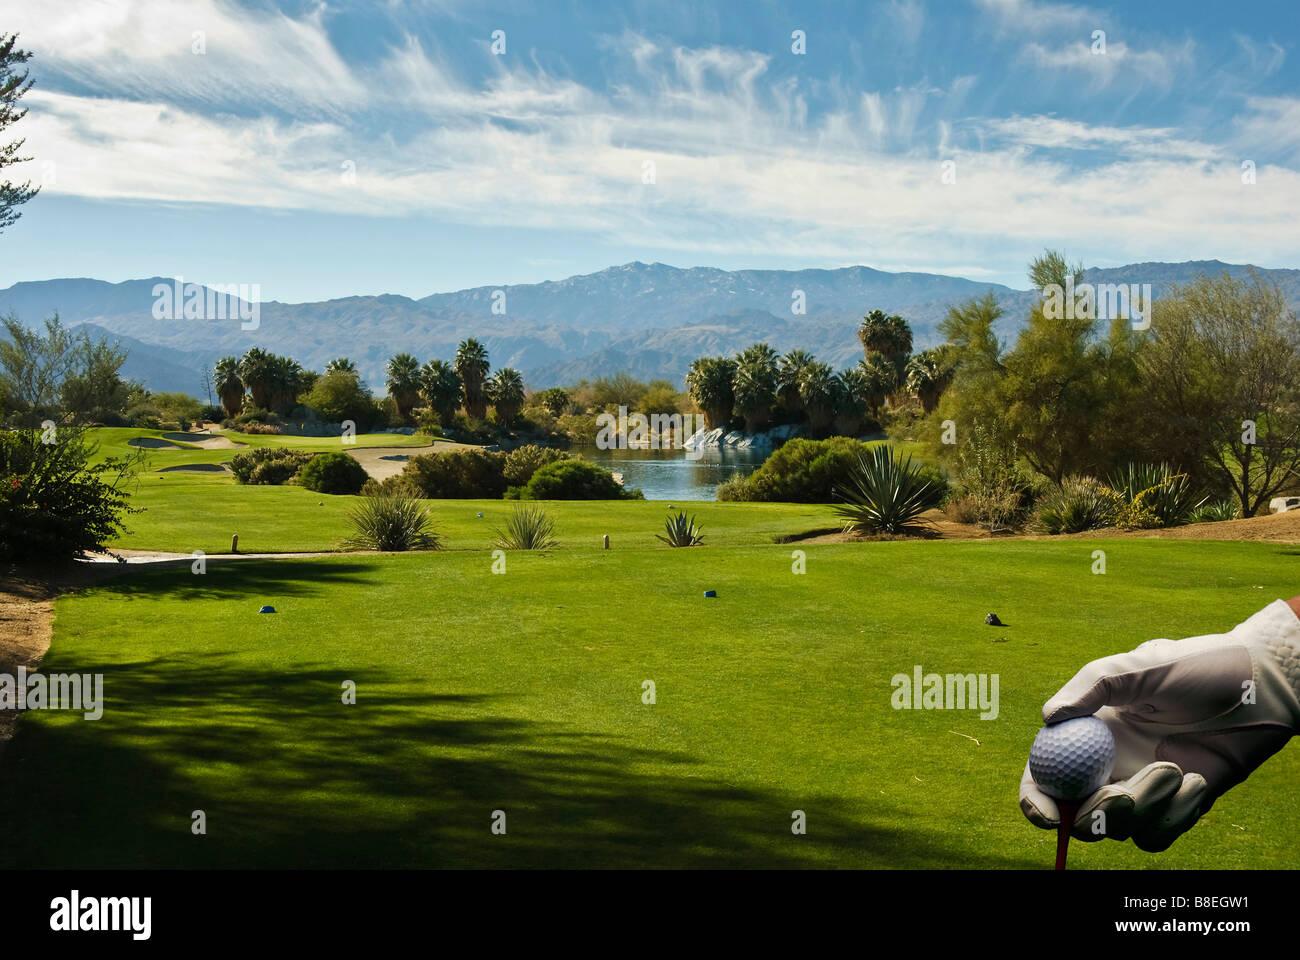 U S golf course, Desert Willow, Golf Resort, Palm Desert, CA near Palm Springs, Green, Flagstick, Fairway, Water - Stock Image